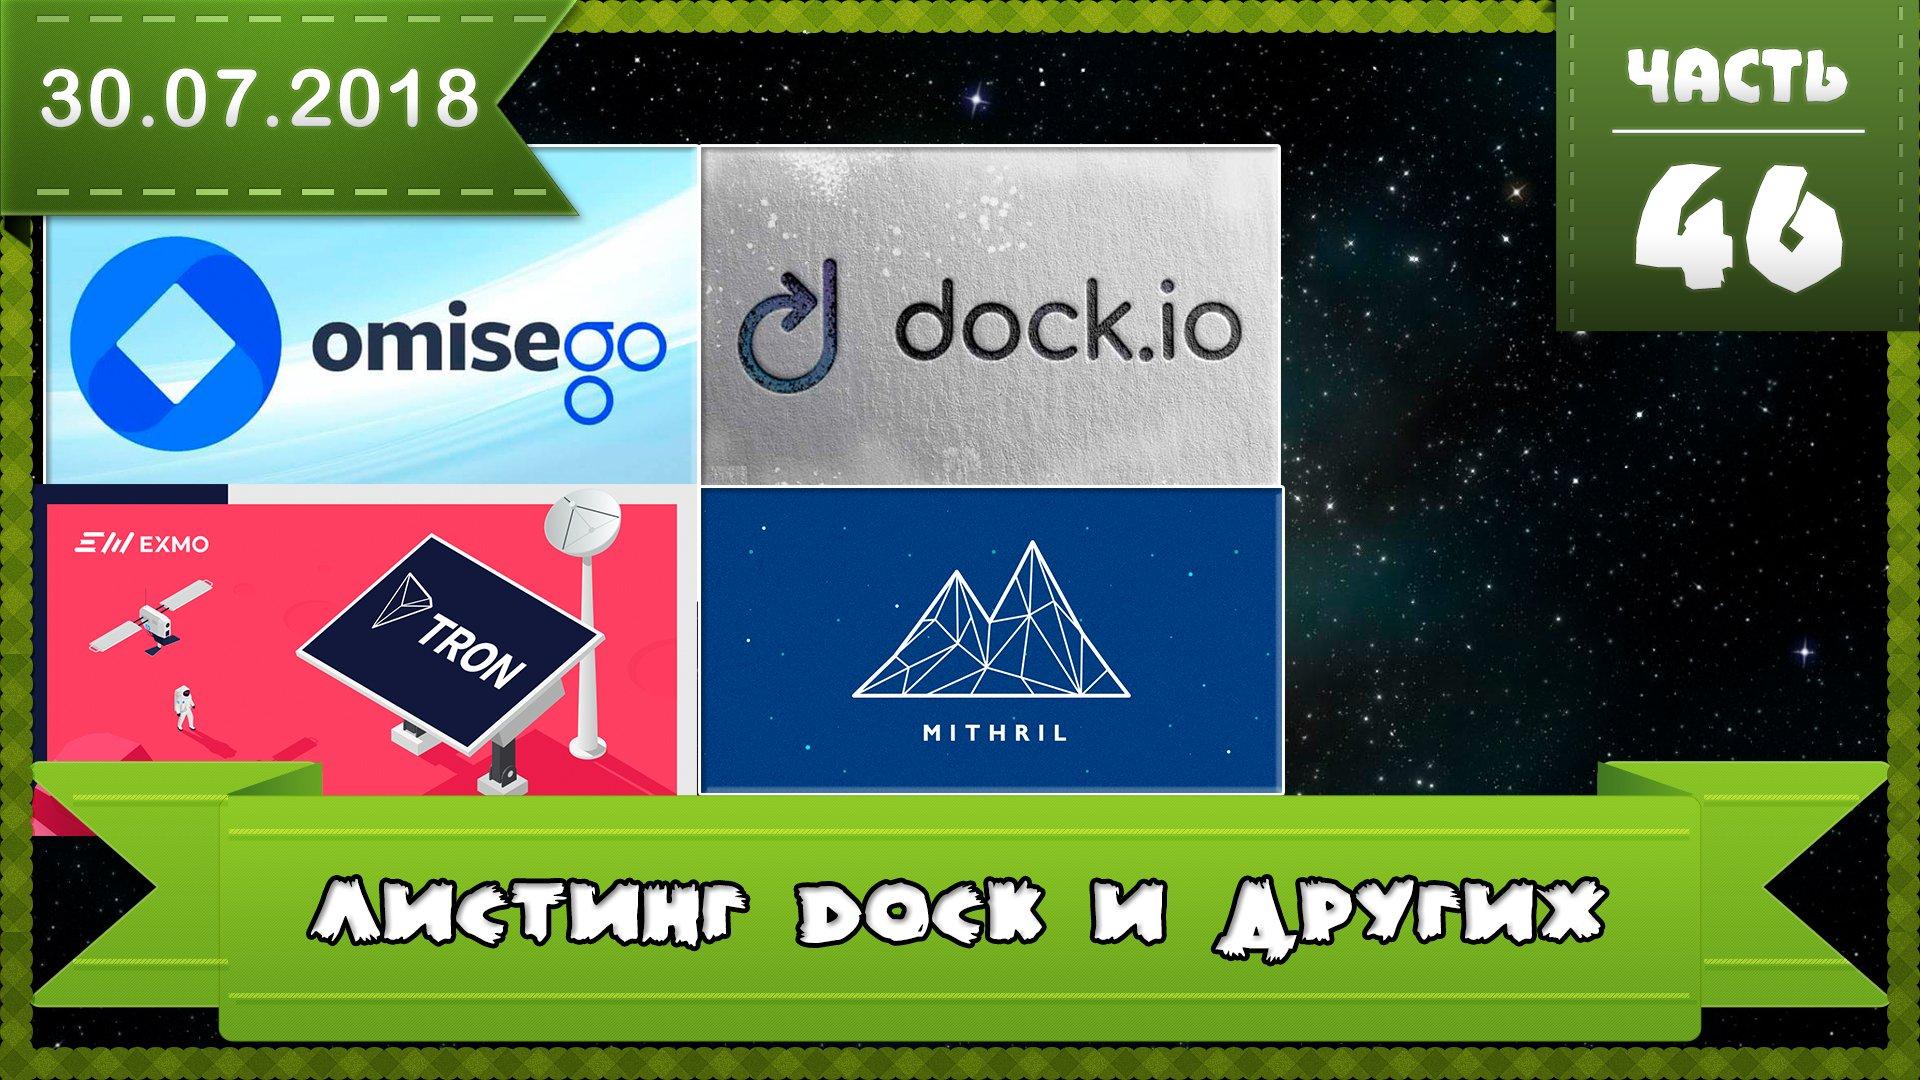 Листинг Dock (DOCK) на Binance победитель 8 раунда и другие новости на Крипто EXMO News